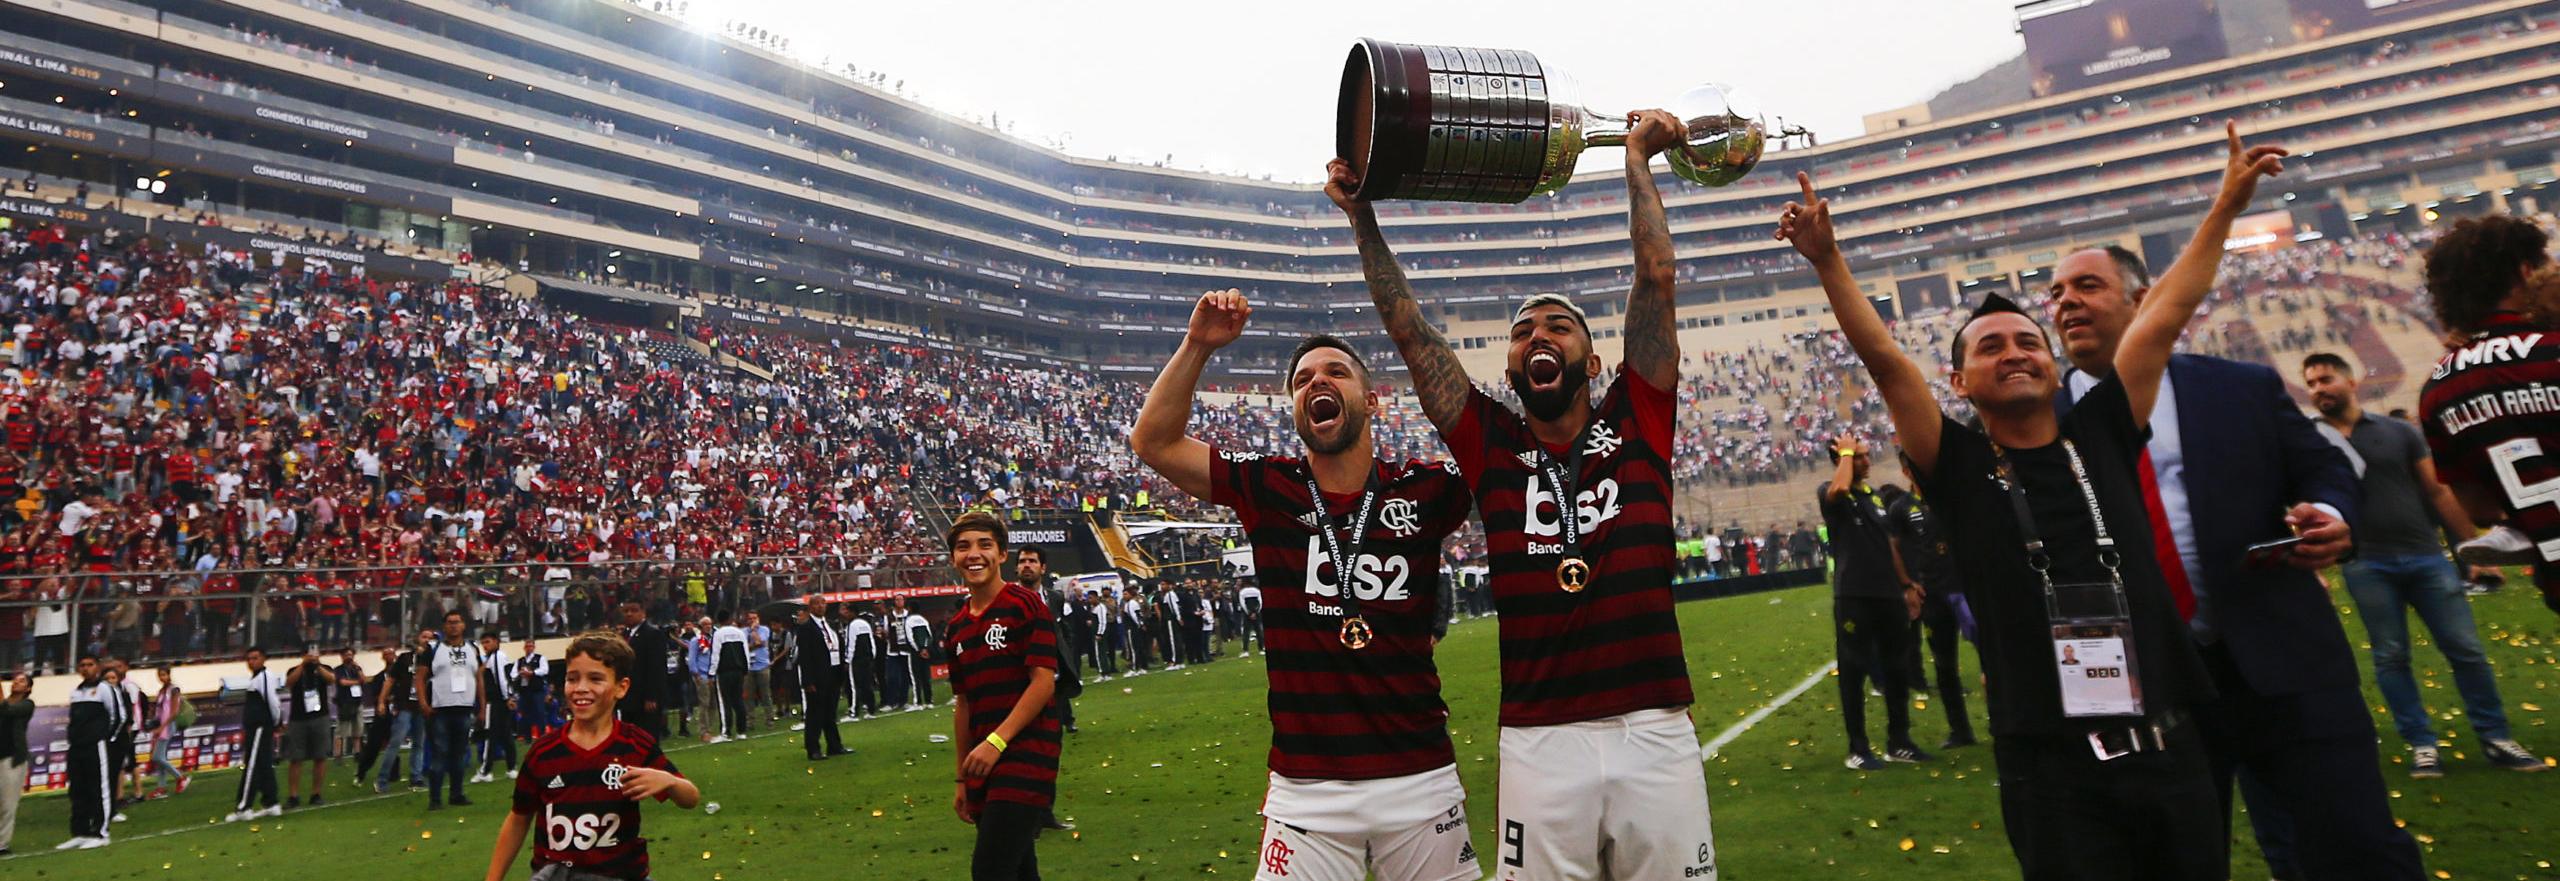 Copa Libertadores 2020: parte la caccia a Flamengo, possibile un nuovo Superclásico in finale!